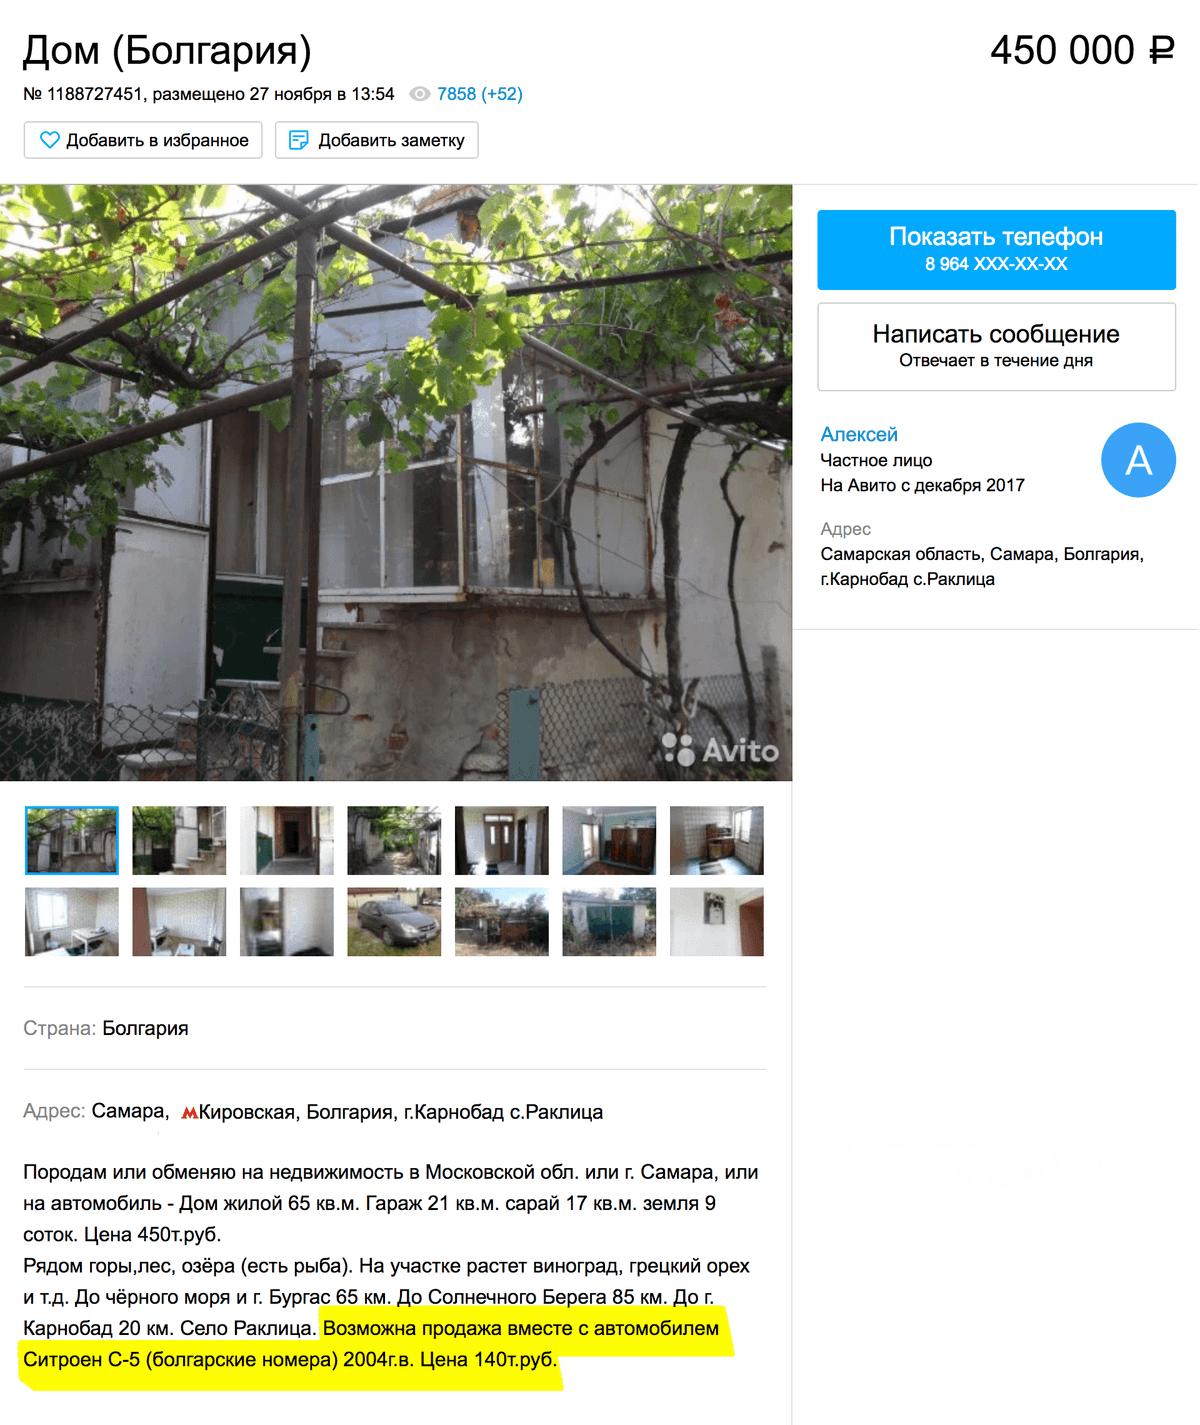 Если доплатить 140 тысяч, вместе с домиком на берегу озера в Болгарии дадут Ситроен. Объявление на «Авито»